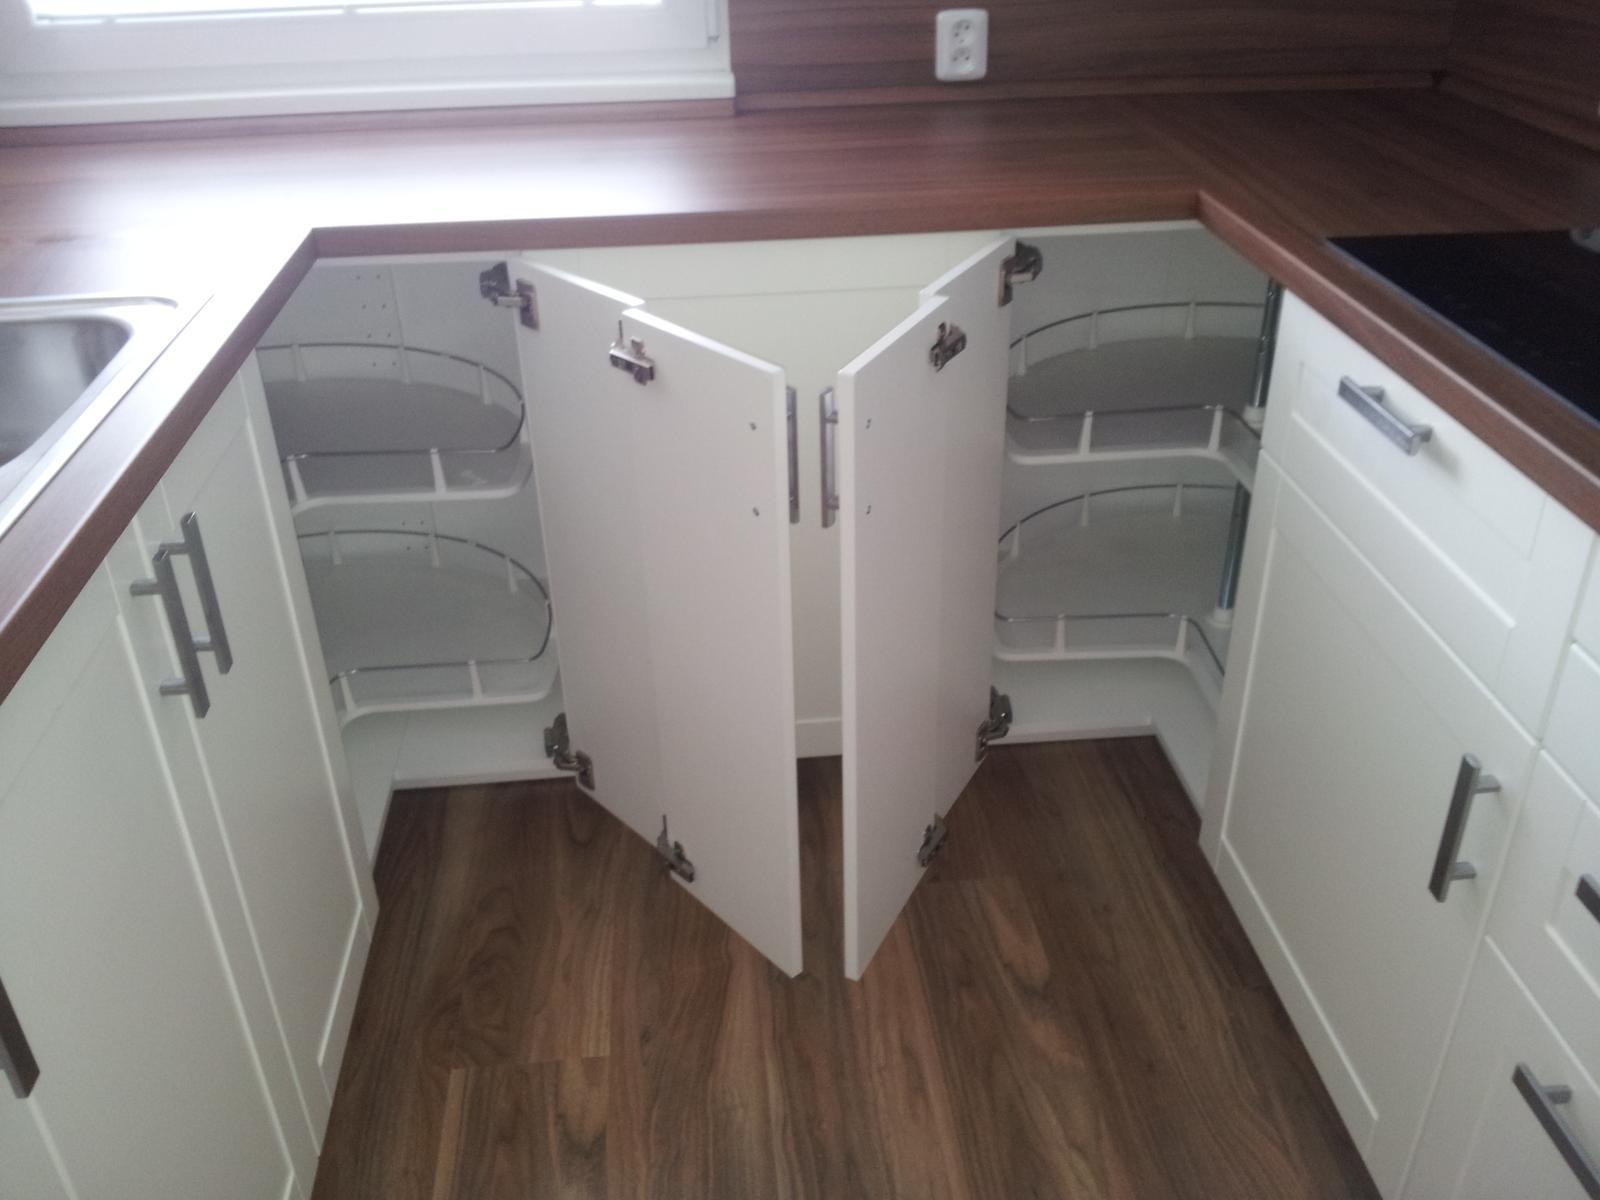 Montáž kuchynskej linky IKEA a dodávka  pracovných dosiekdosky EGGER - Obrázok č. 1